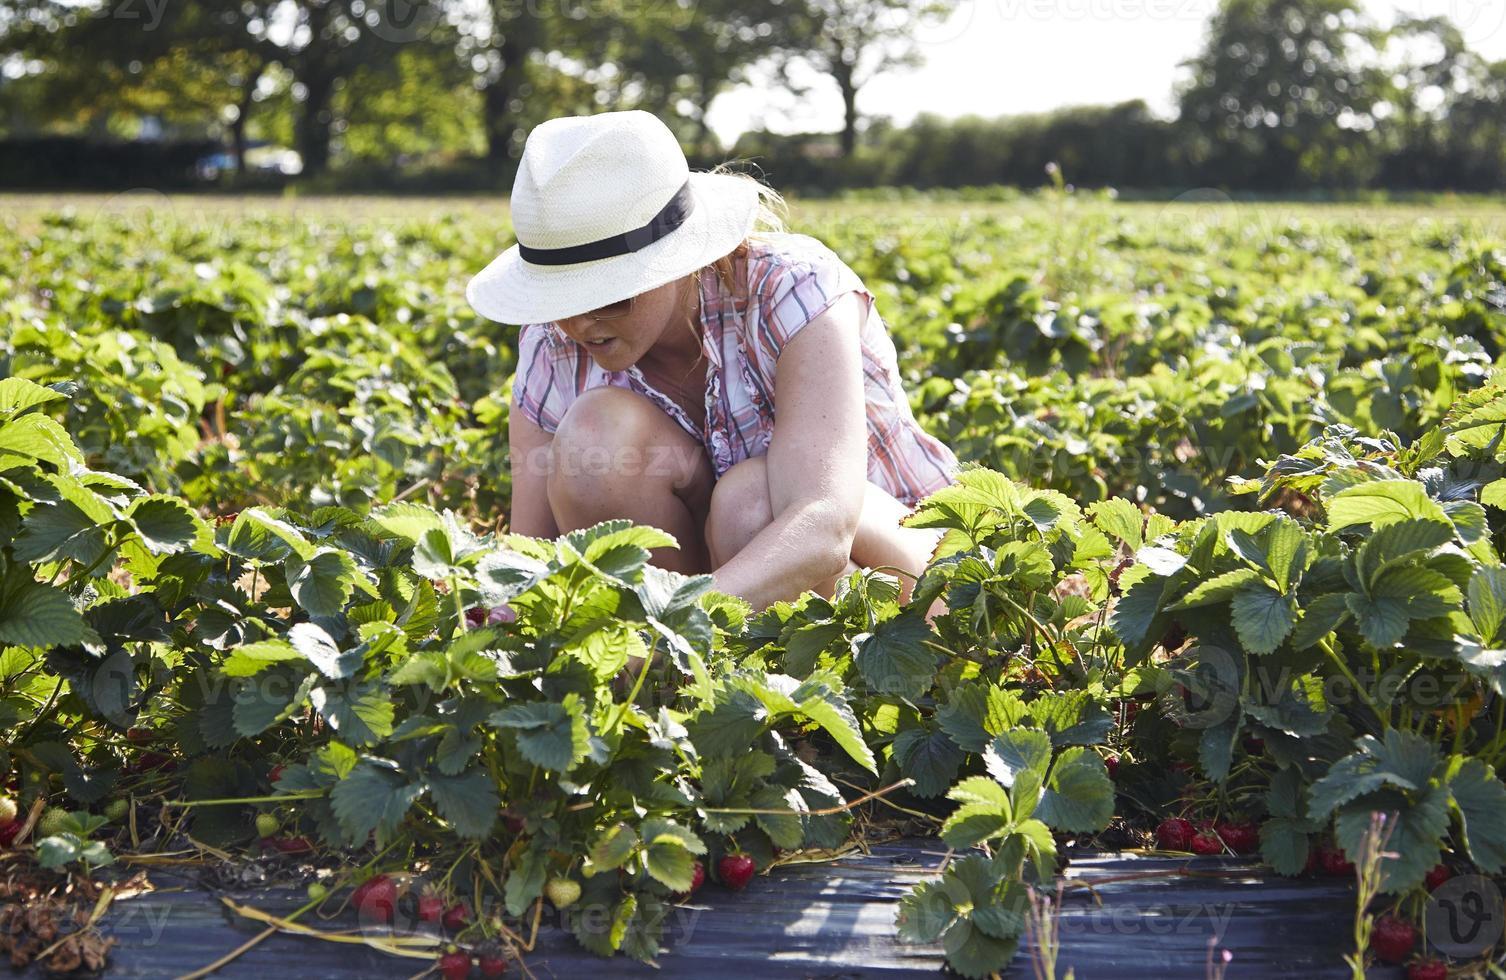 morangos colhendo feminino em um campo foto